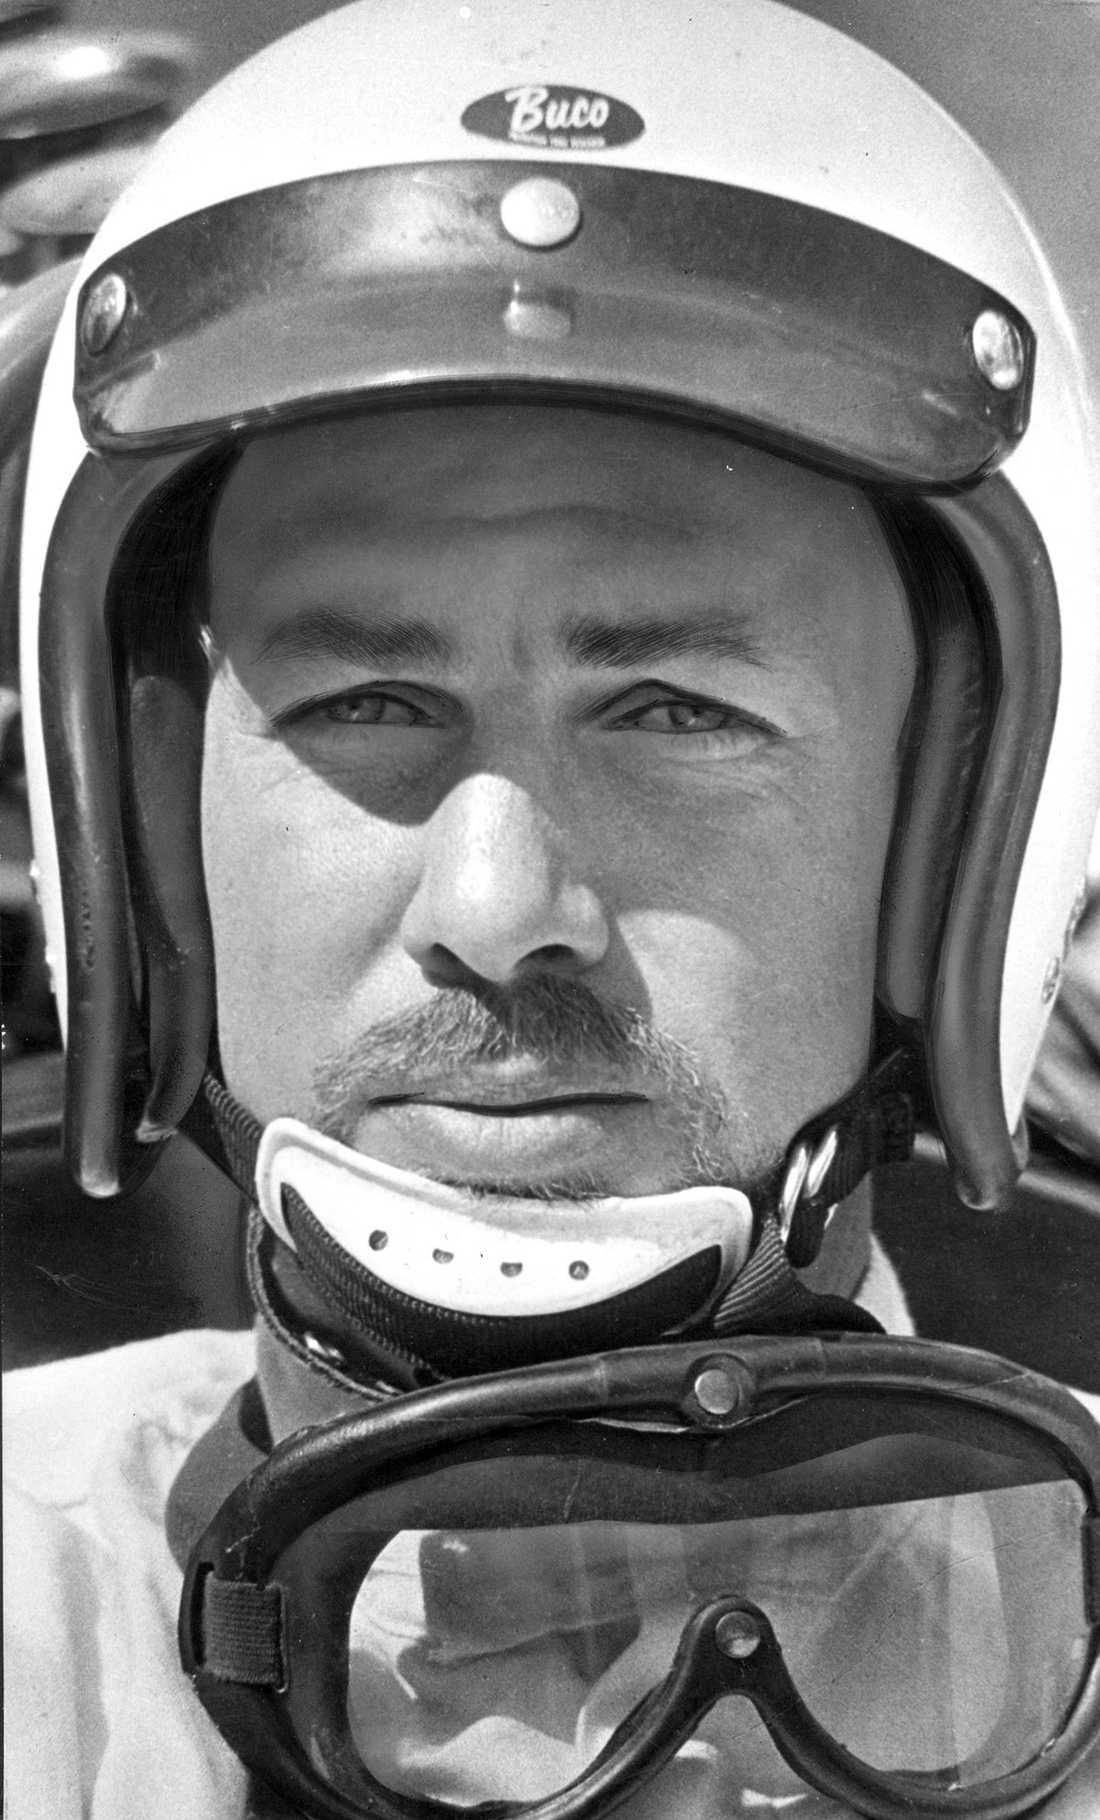 Joakim Bonnier Född: 31 januari 1930, avled 11 juni 1972. År i F1: 1956–1971. GP-starter: 104. Antal segrar: 1, 1959. Bästa VM-placering: 8:a 1959.